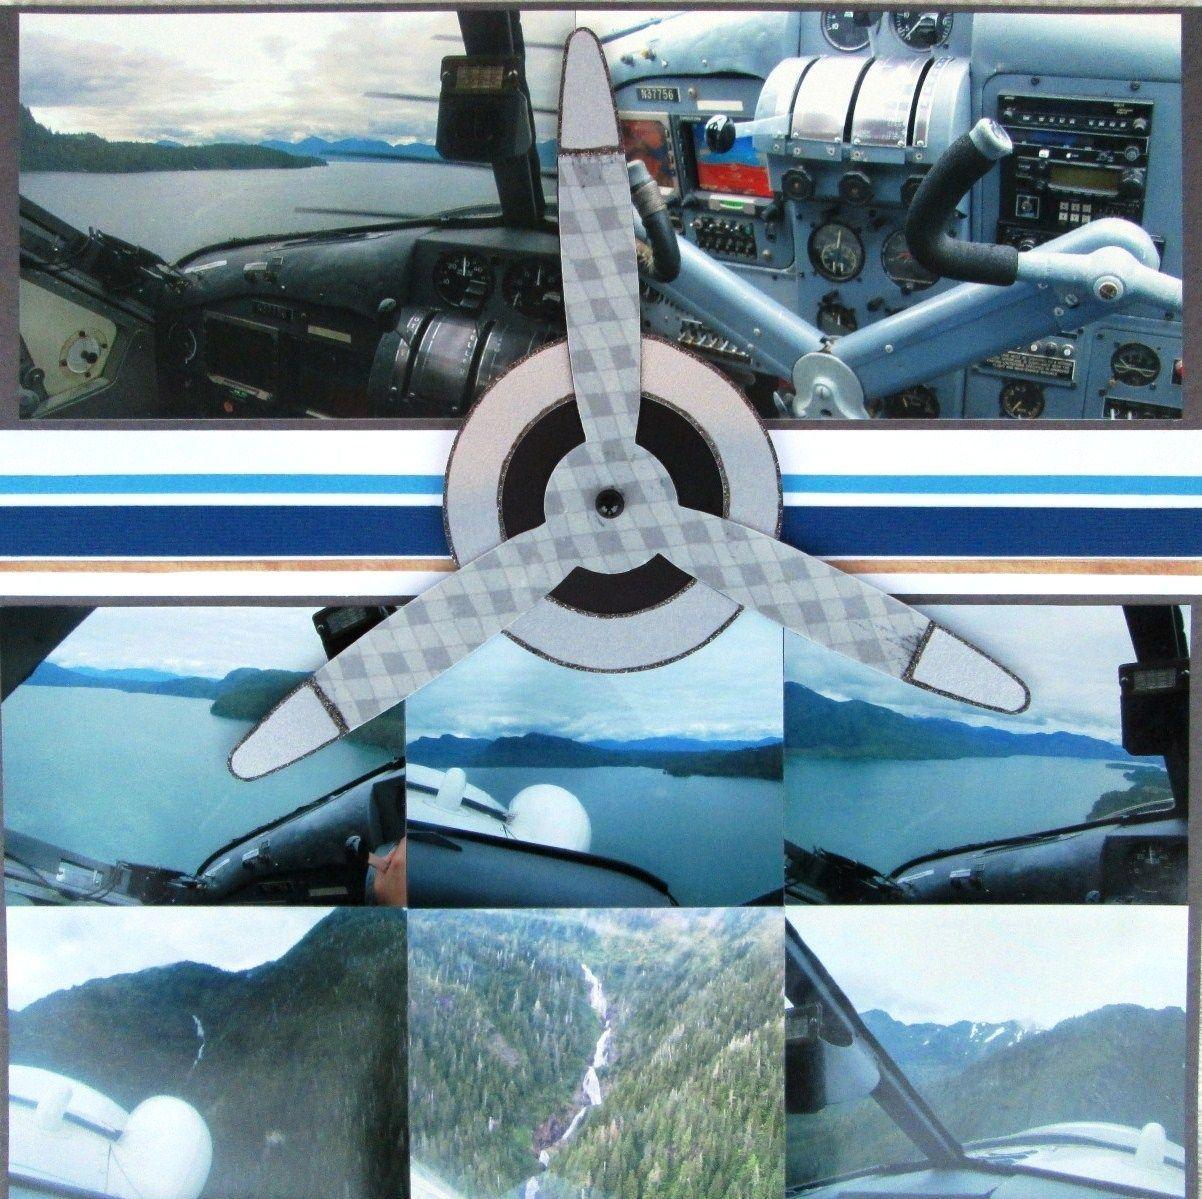 Seaplane tour - Scrapbook.com